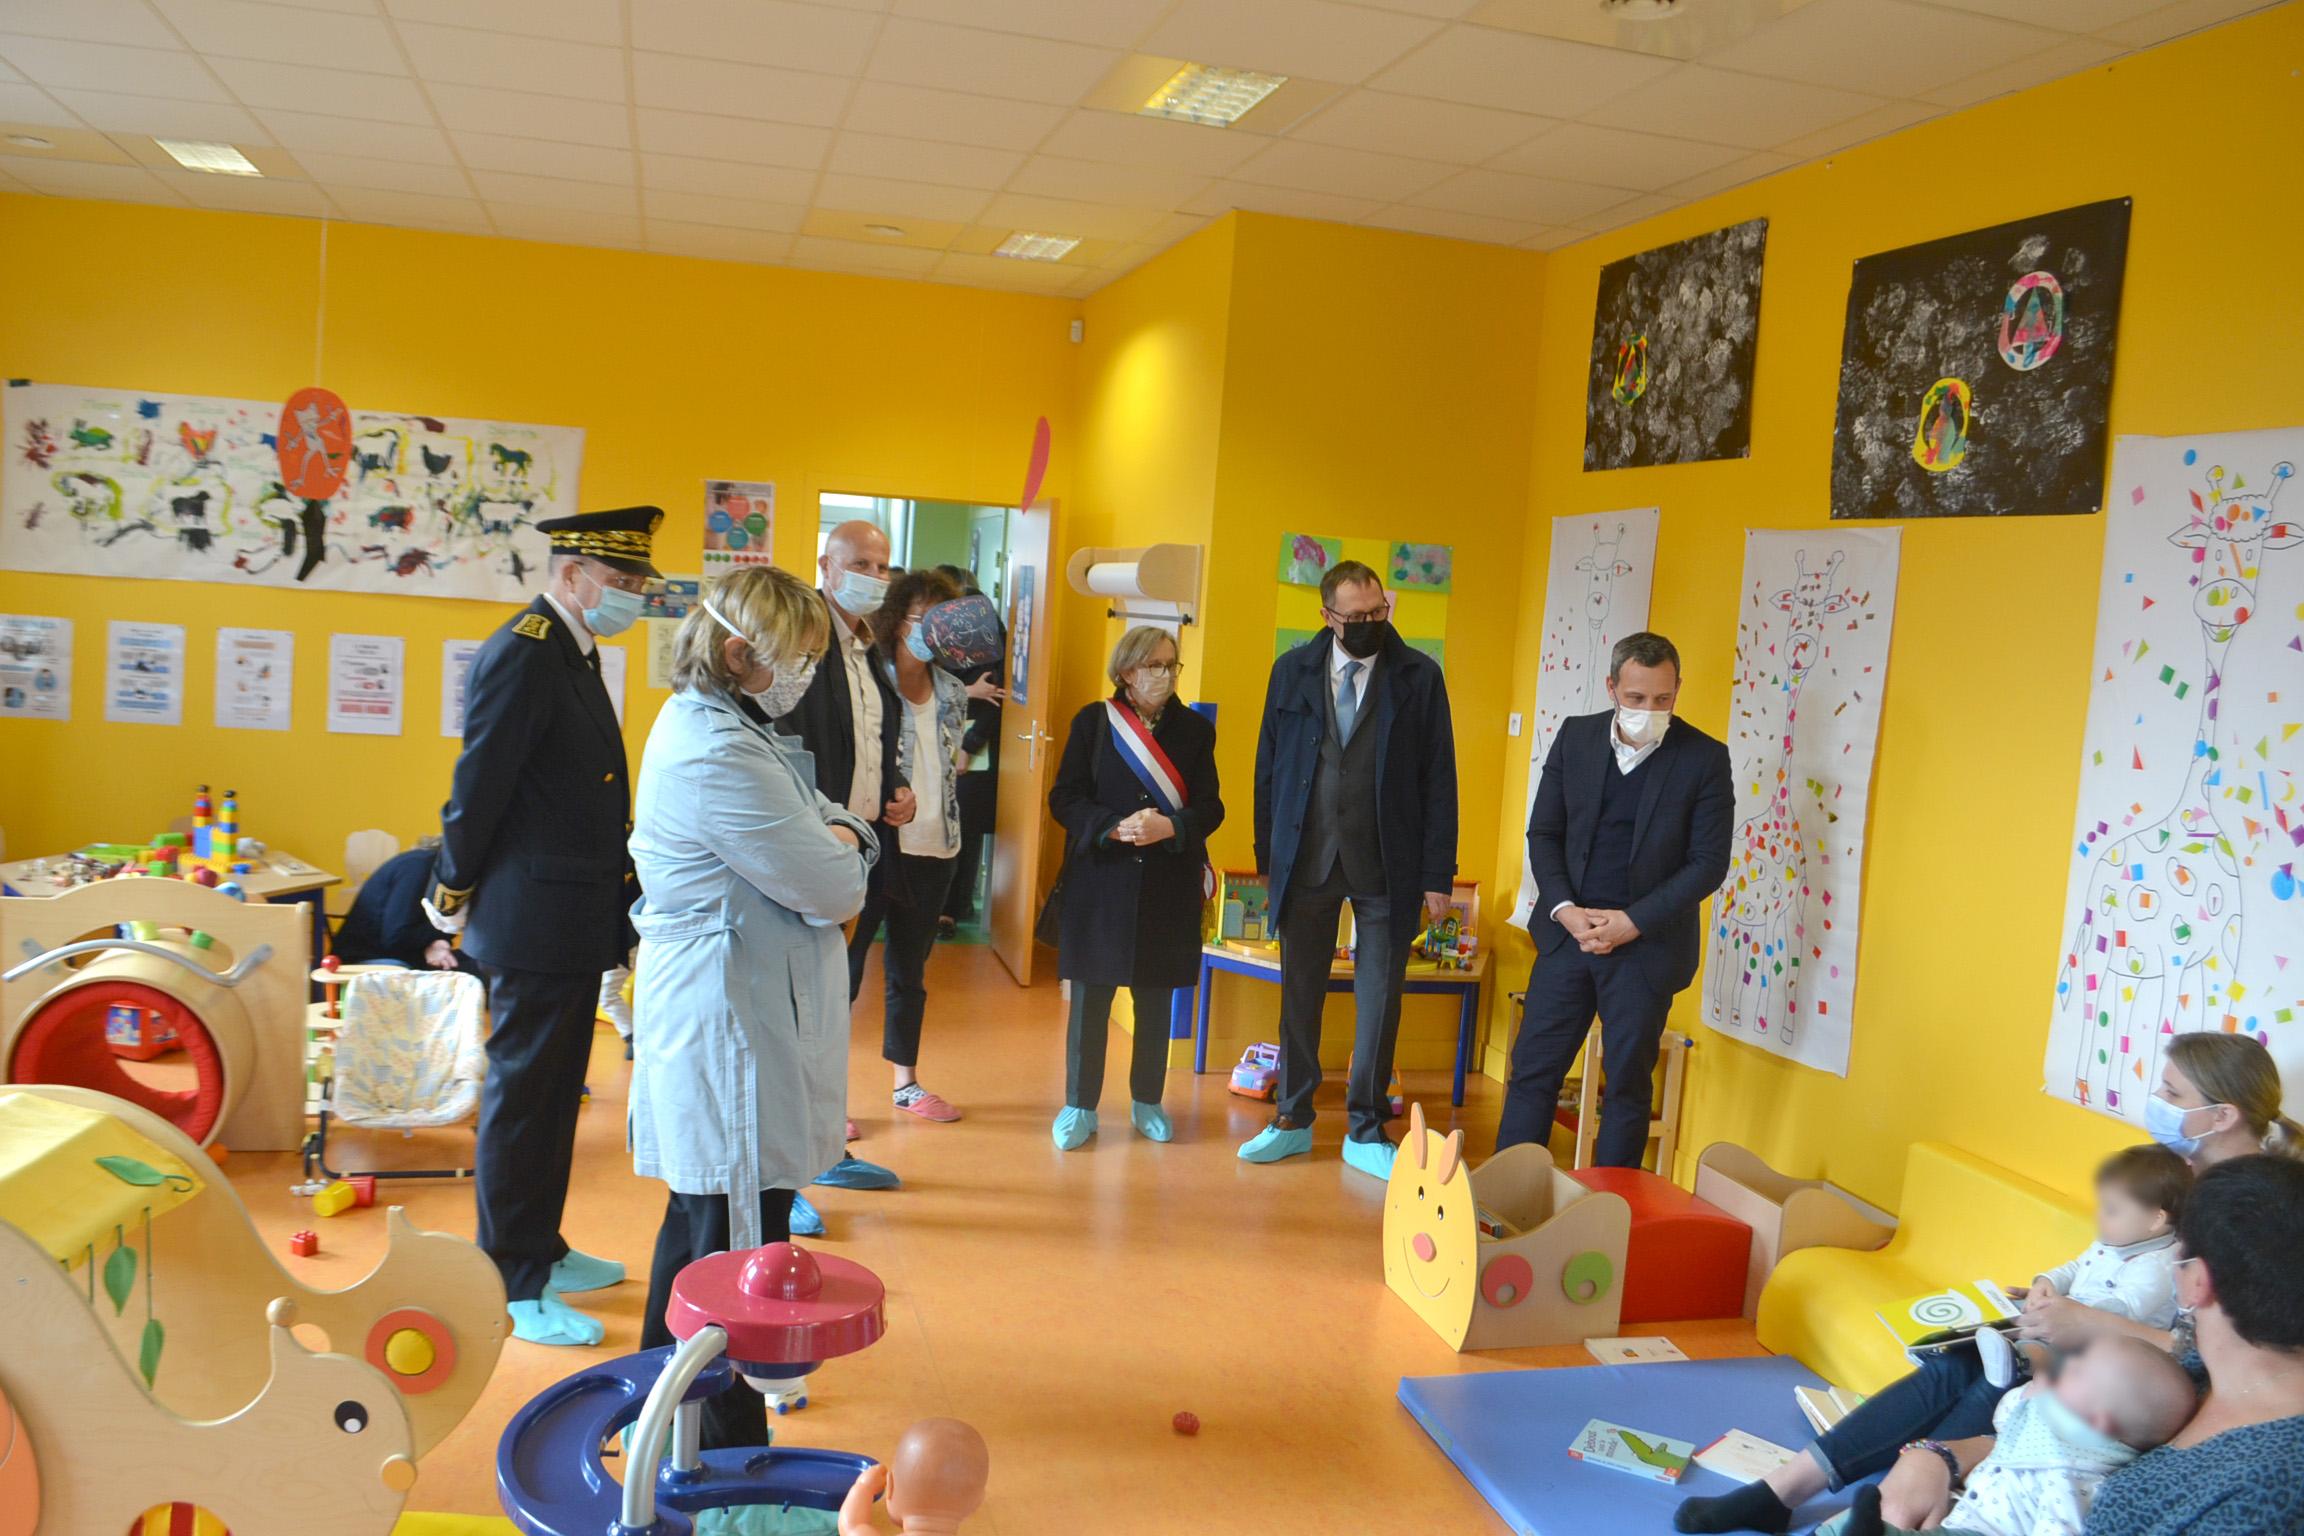 Visite d'Adrien Taquet Secrétaire d'État chargé de l'Enfance et des Familles